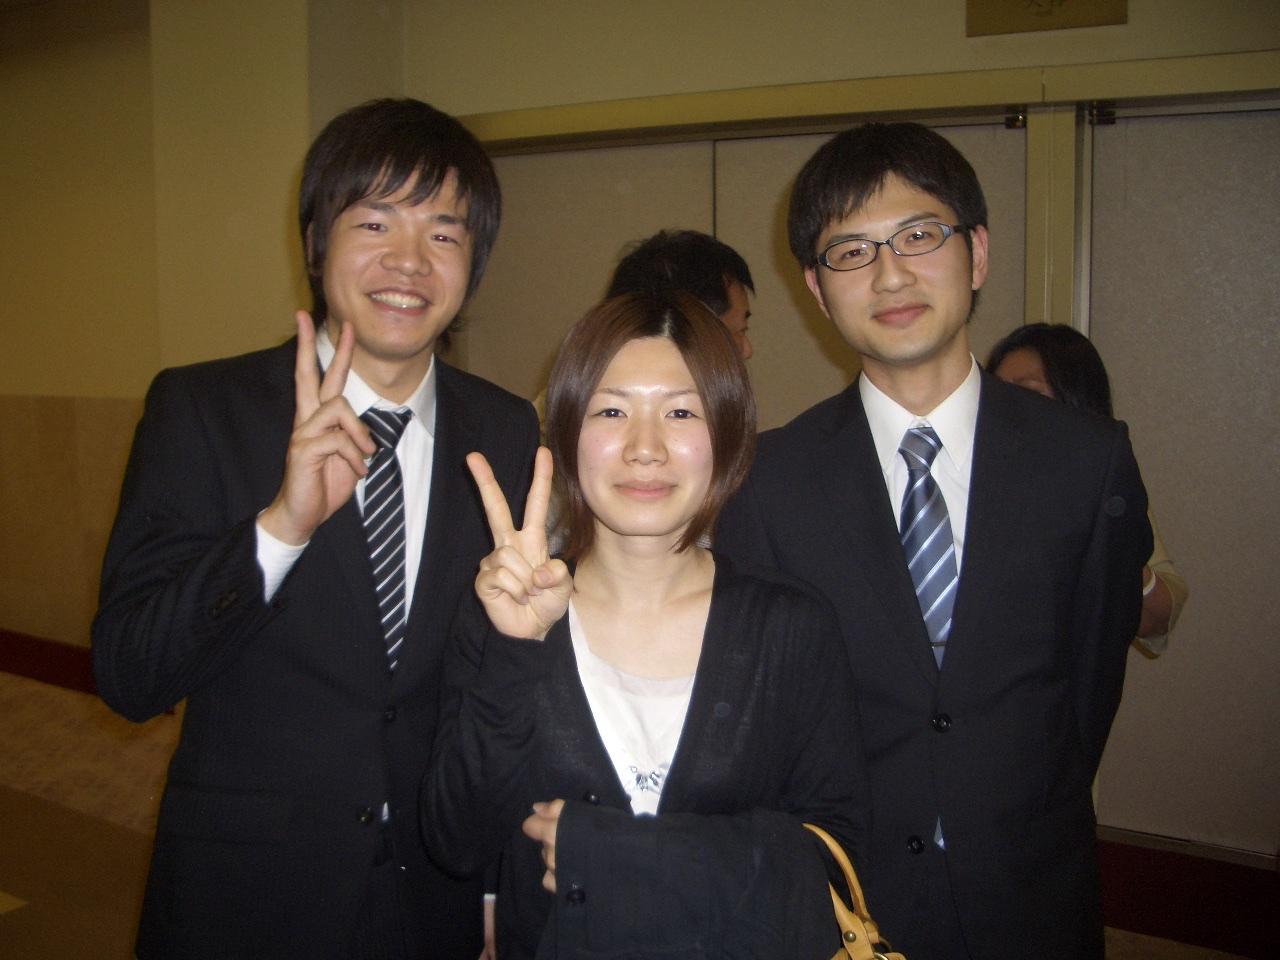 入社時の同期は3人でした。